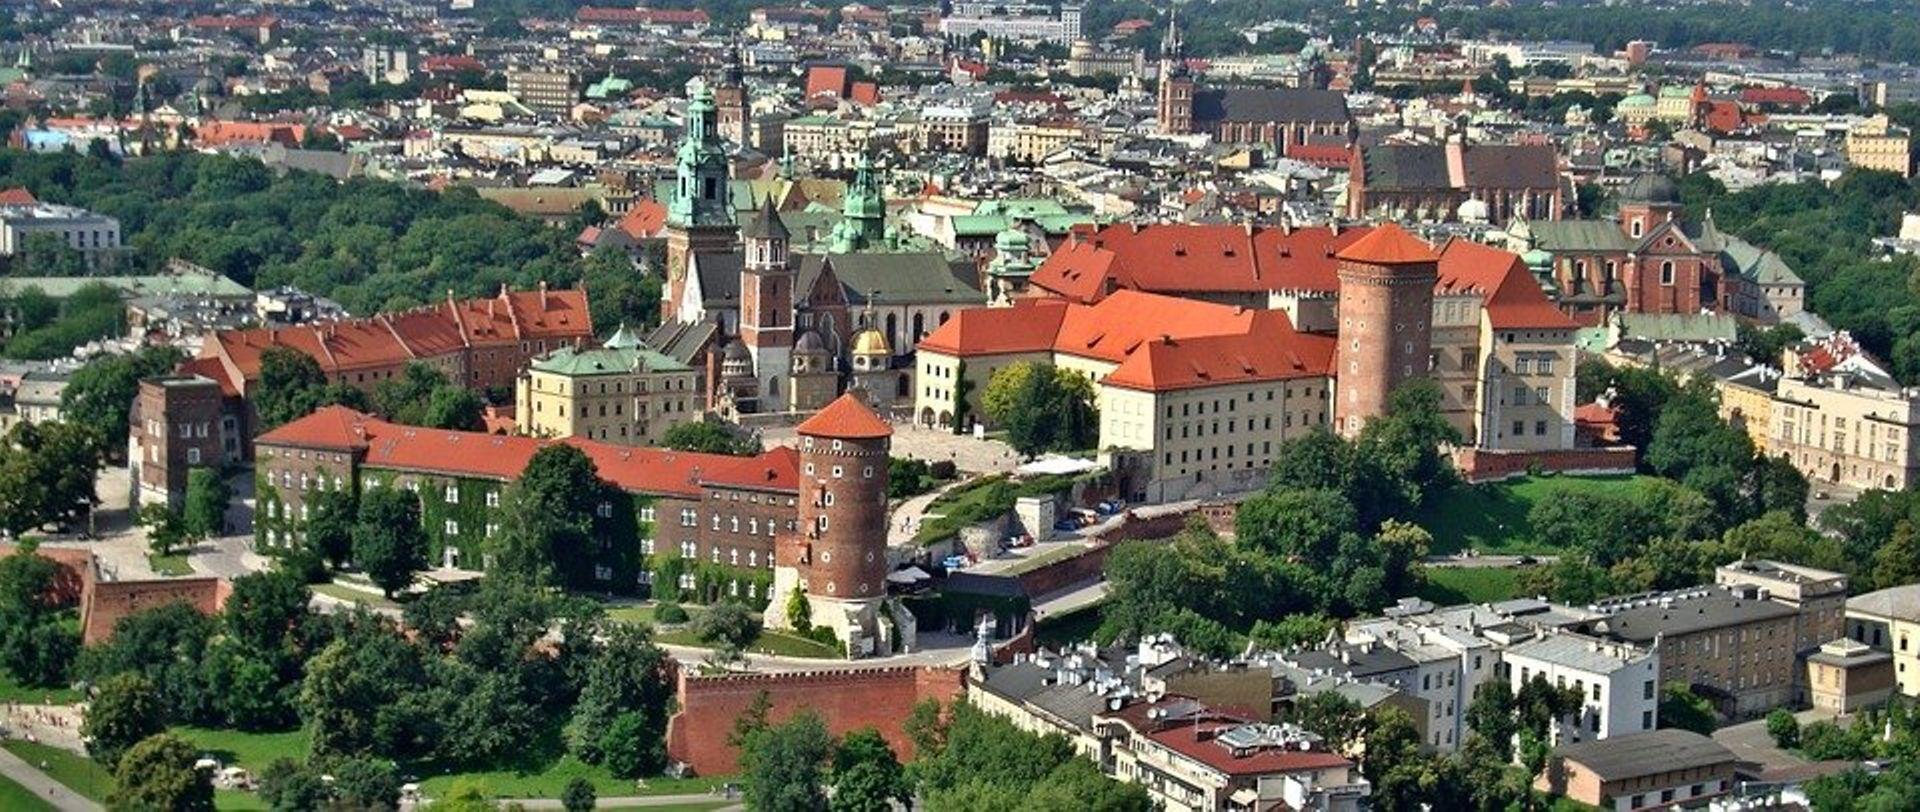 Kraków nadal liderem regionalnych rynków powierzchni biurowych w Polsce